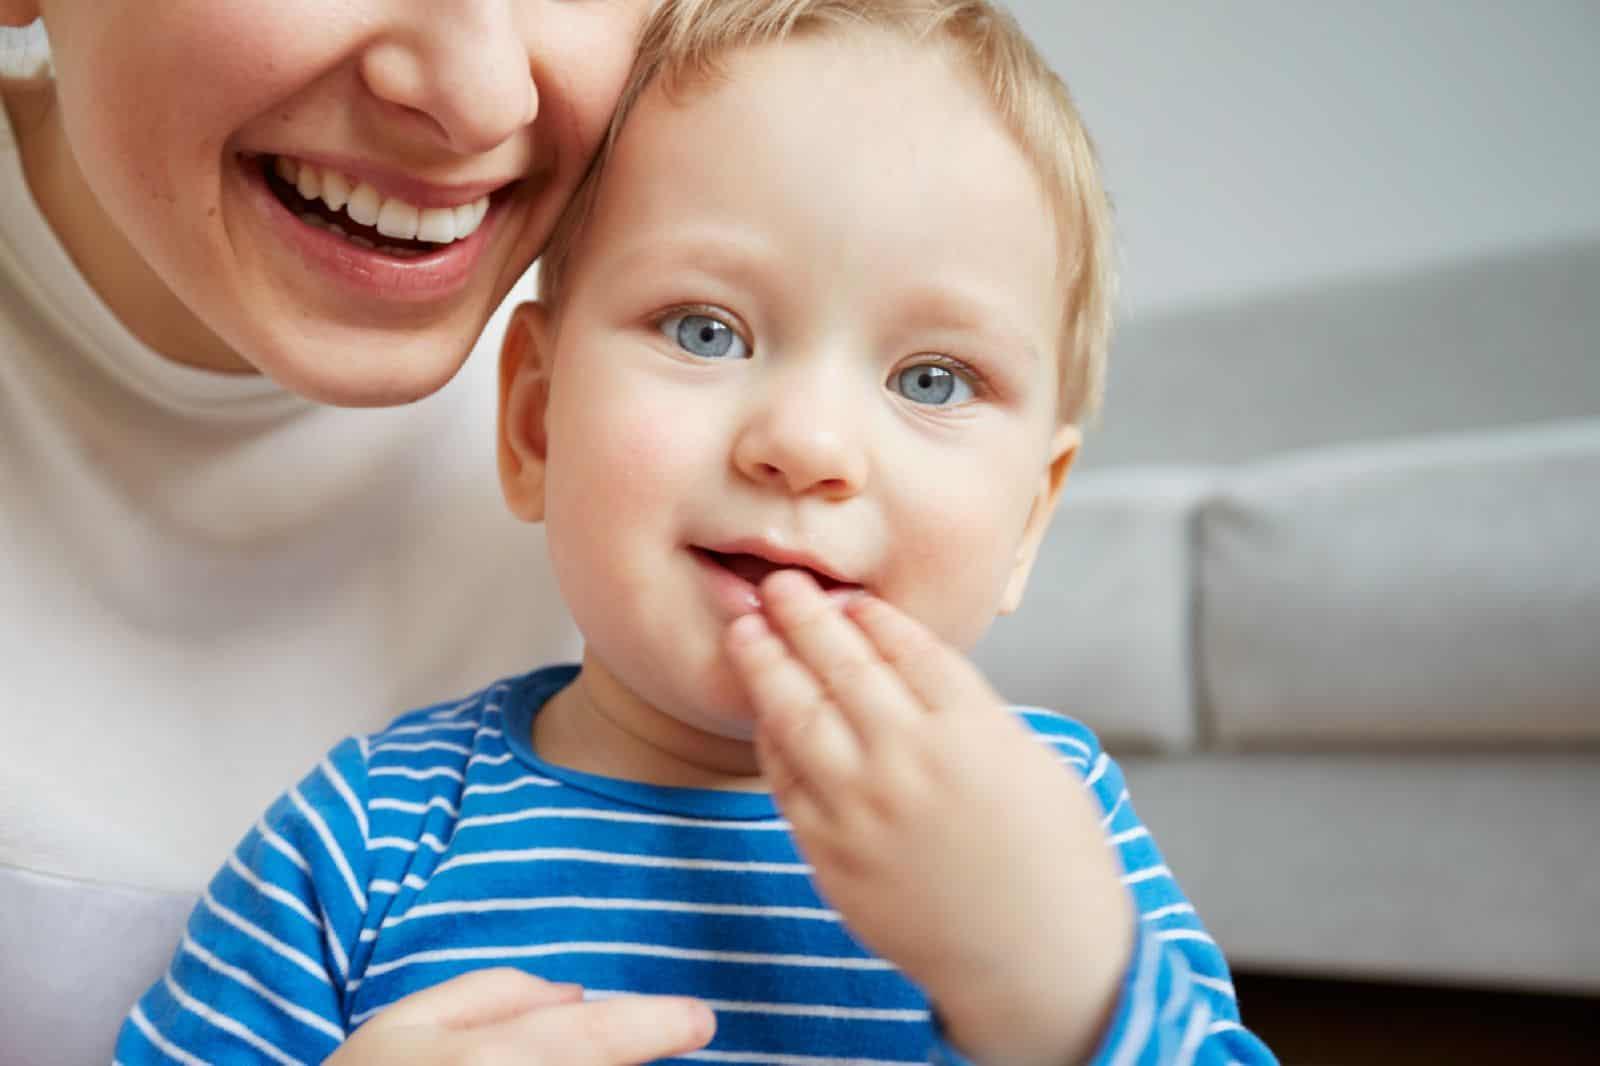 Как поменять фамилию ребенку без согласия отца после развода?